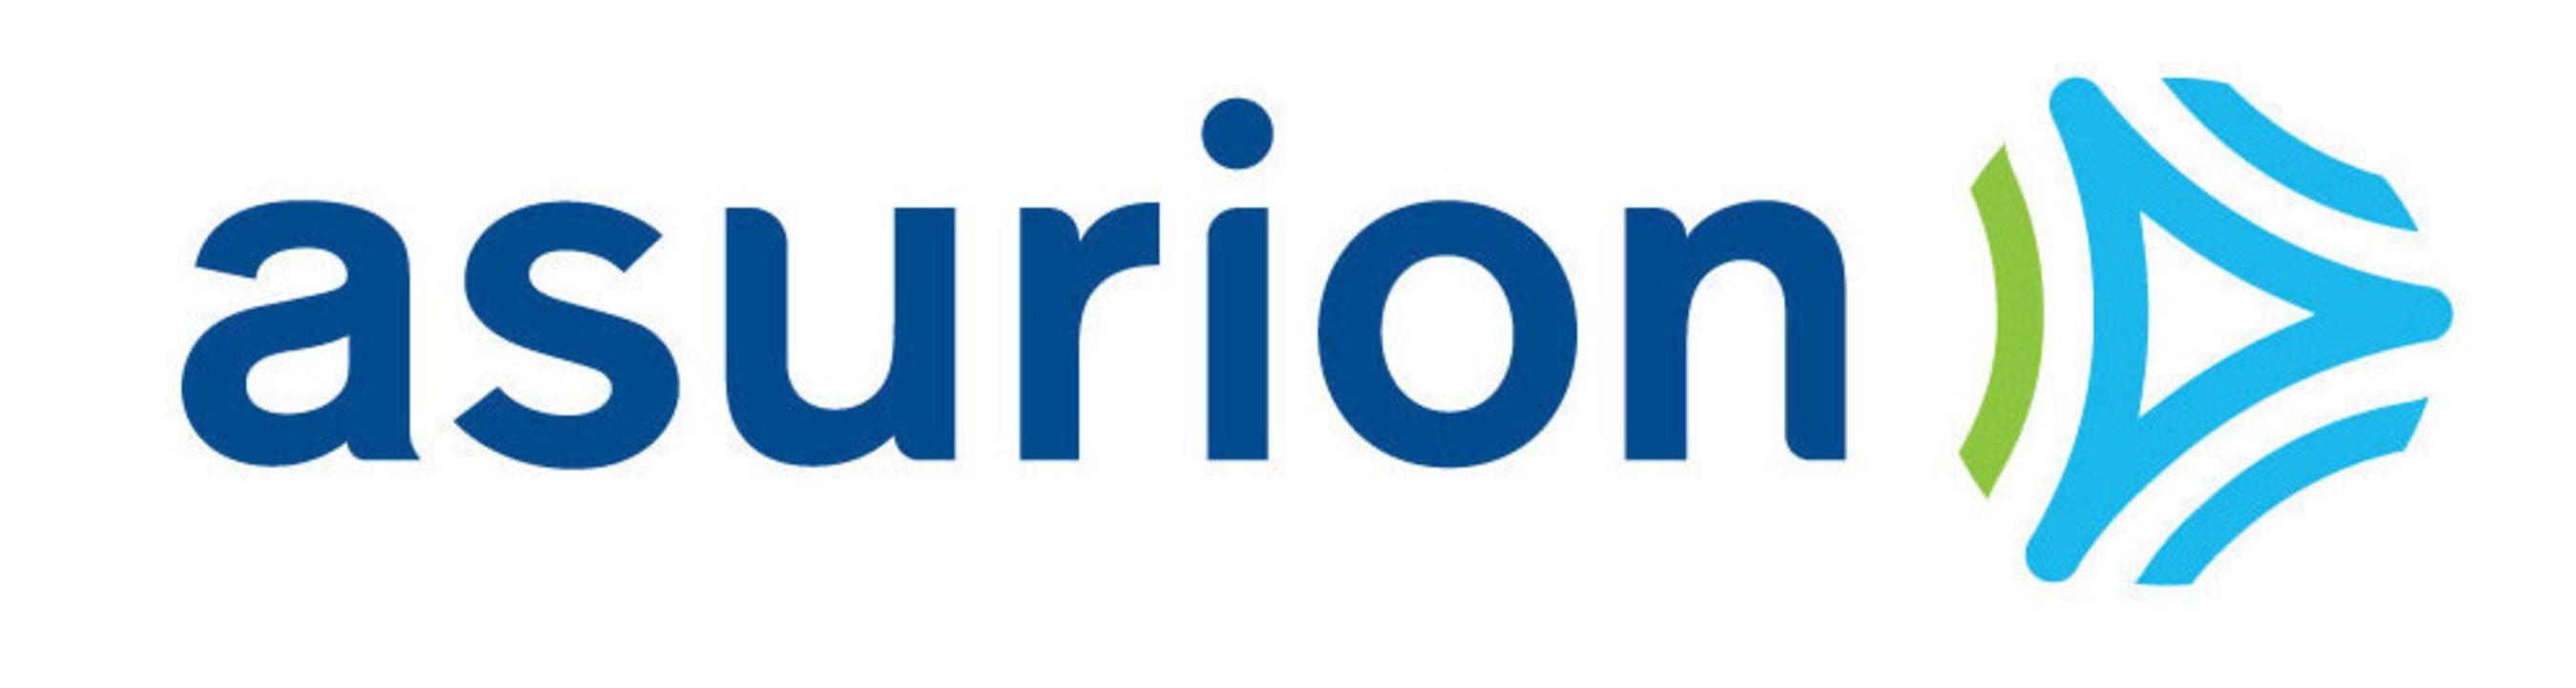 Asurion reçoit le prix 2014 Product Leadership Award récompensant la dominance de ses produits pour